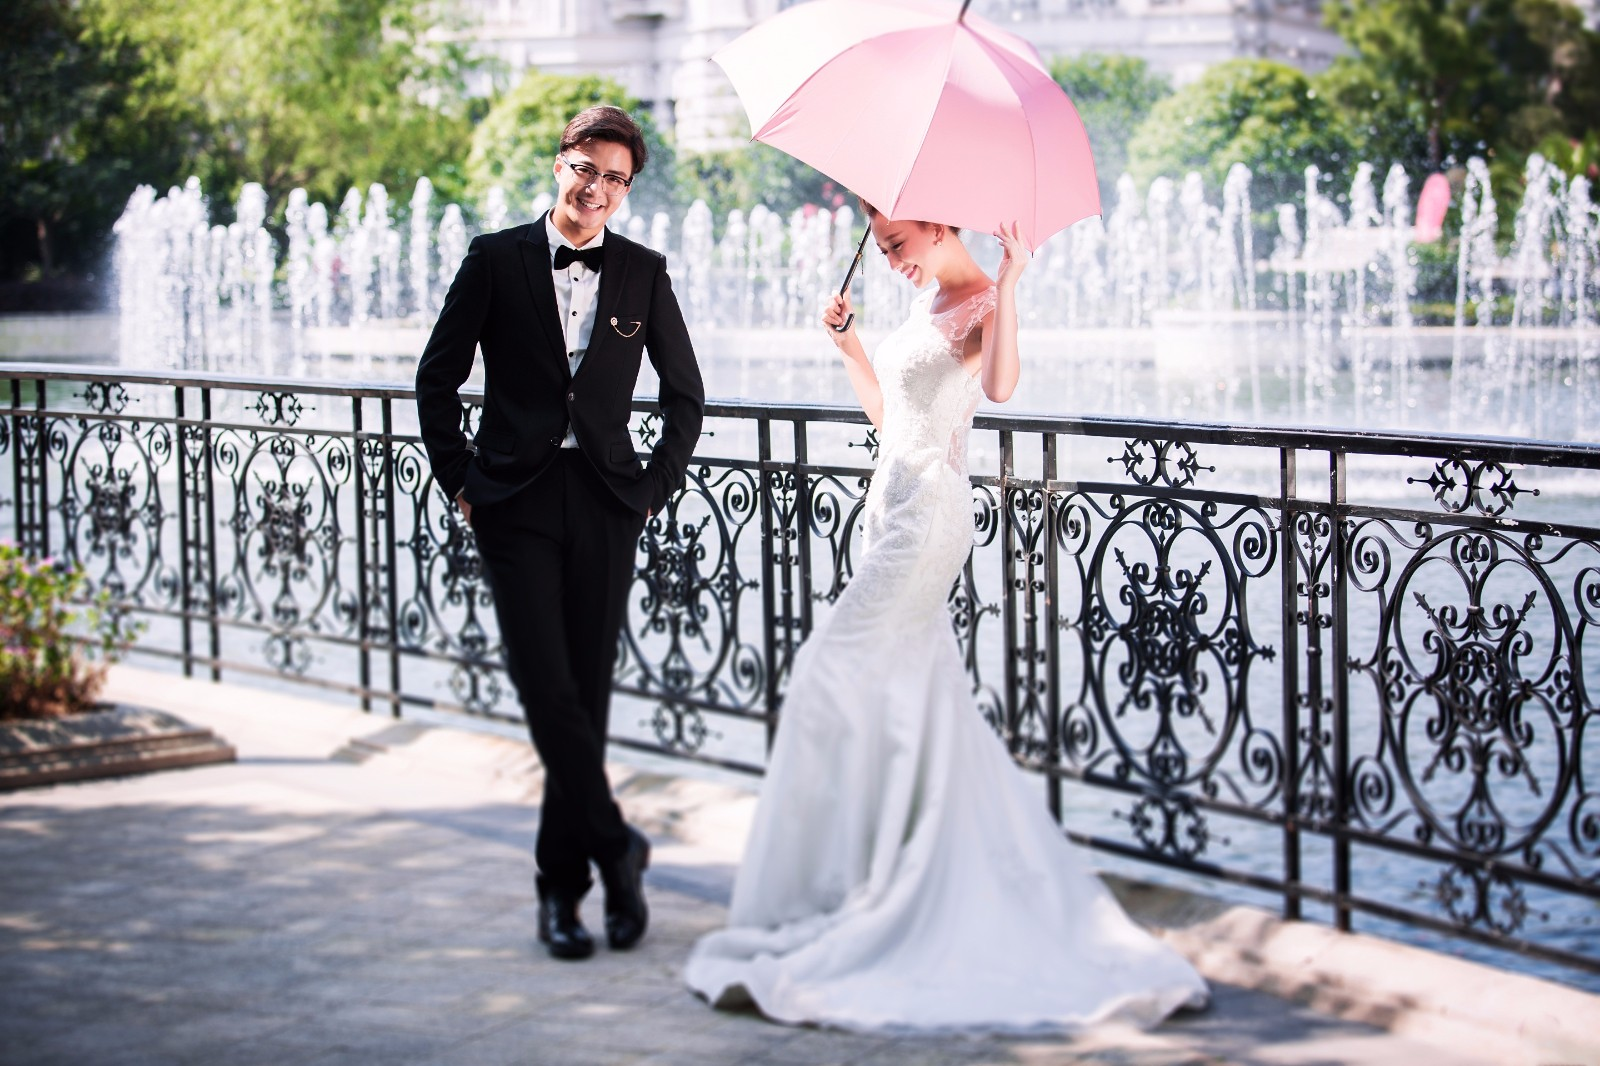 精心准备的结婚歌曲大全,婚礼音乐可千万不能马虎!